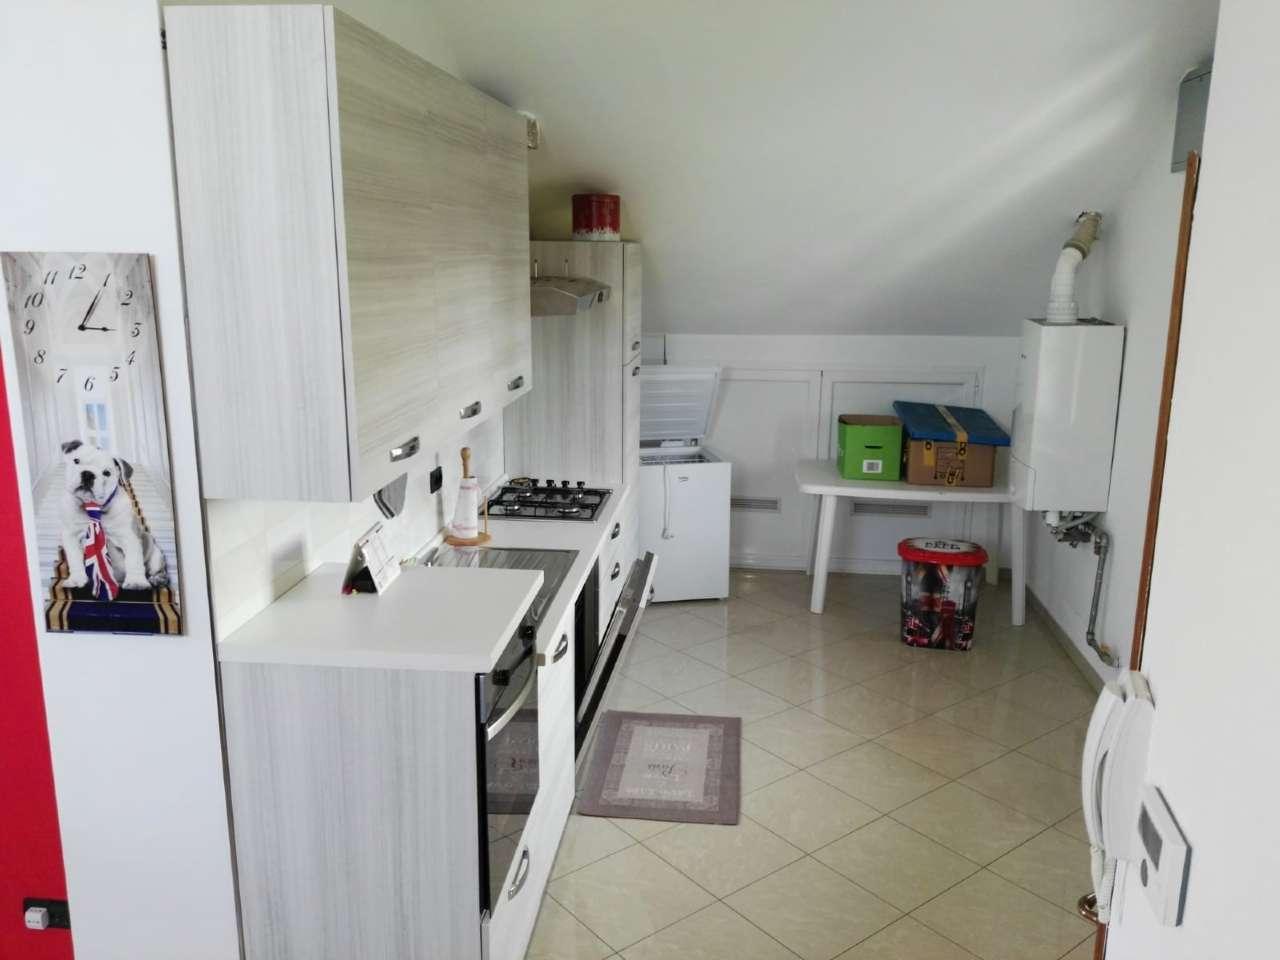 Pogliano Milanese in soluzione indipendente, appartamento di tre locali arredato con cantina.